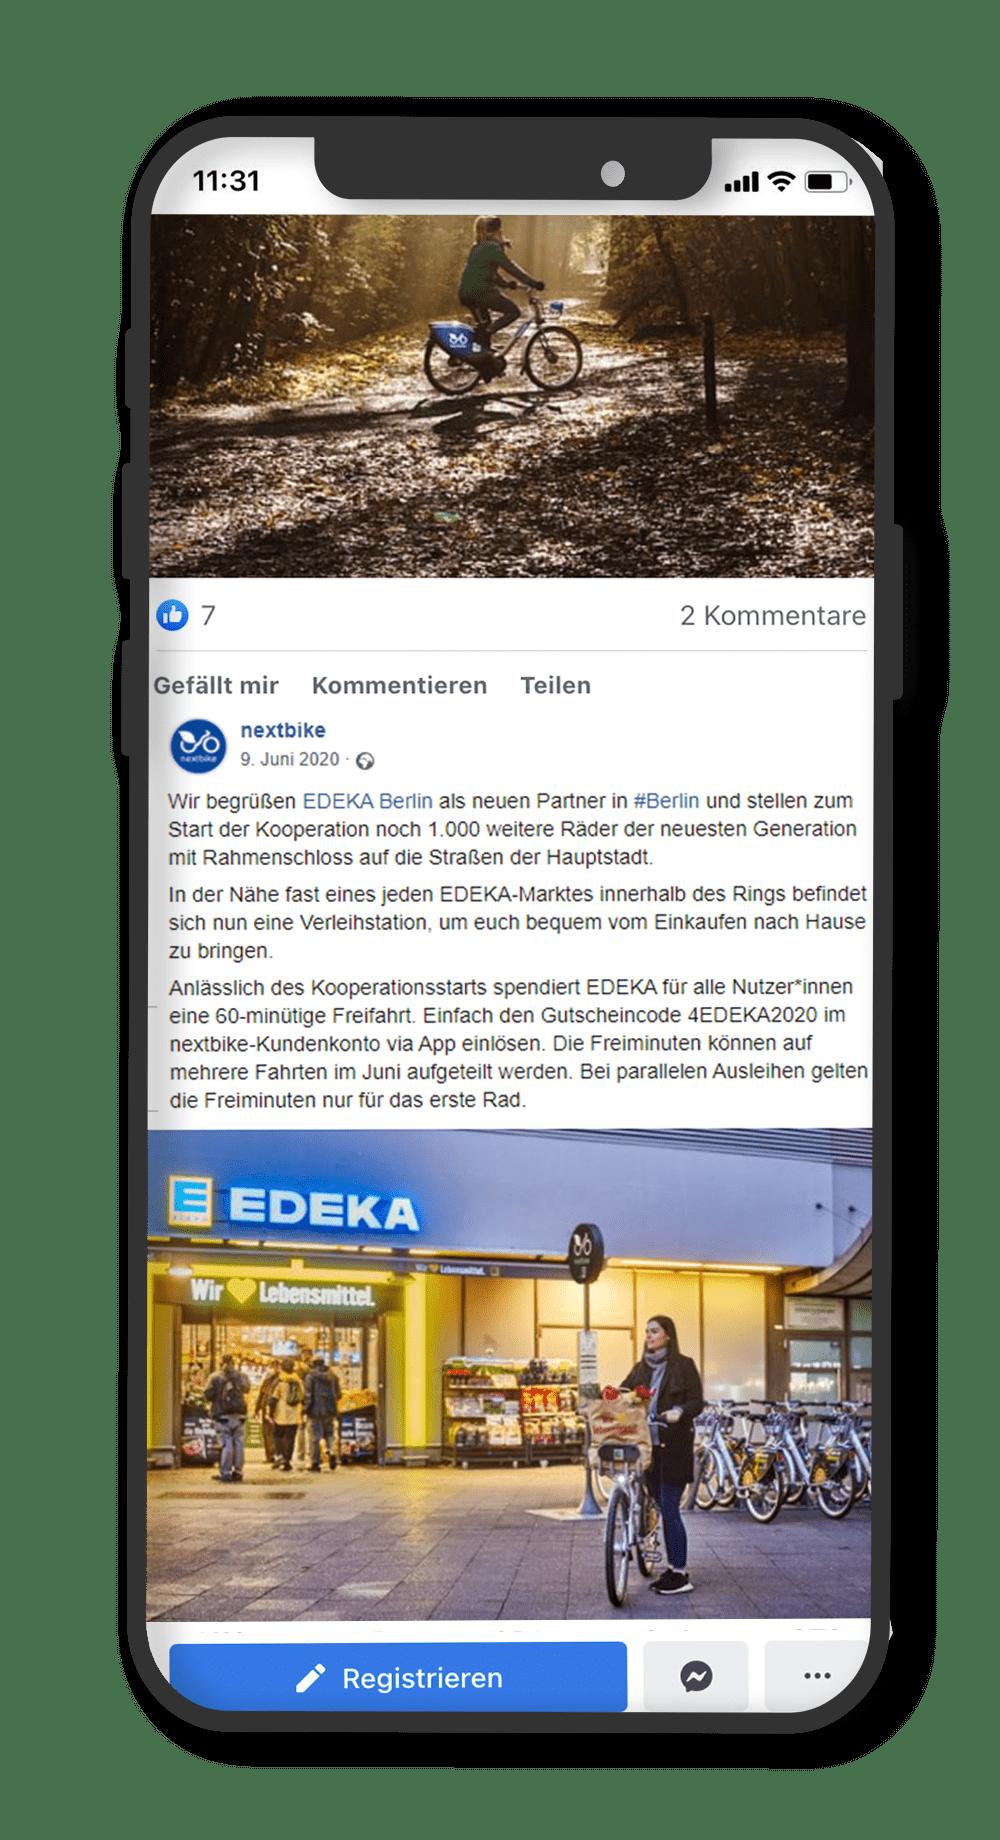 nextbike facebook post über die Zusammenarbeit mit EDEKA